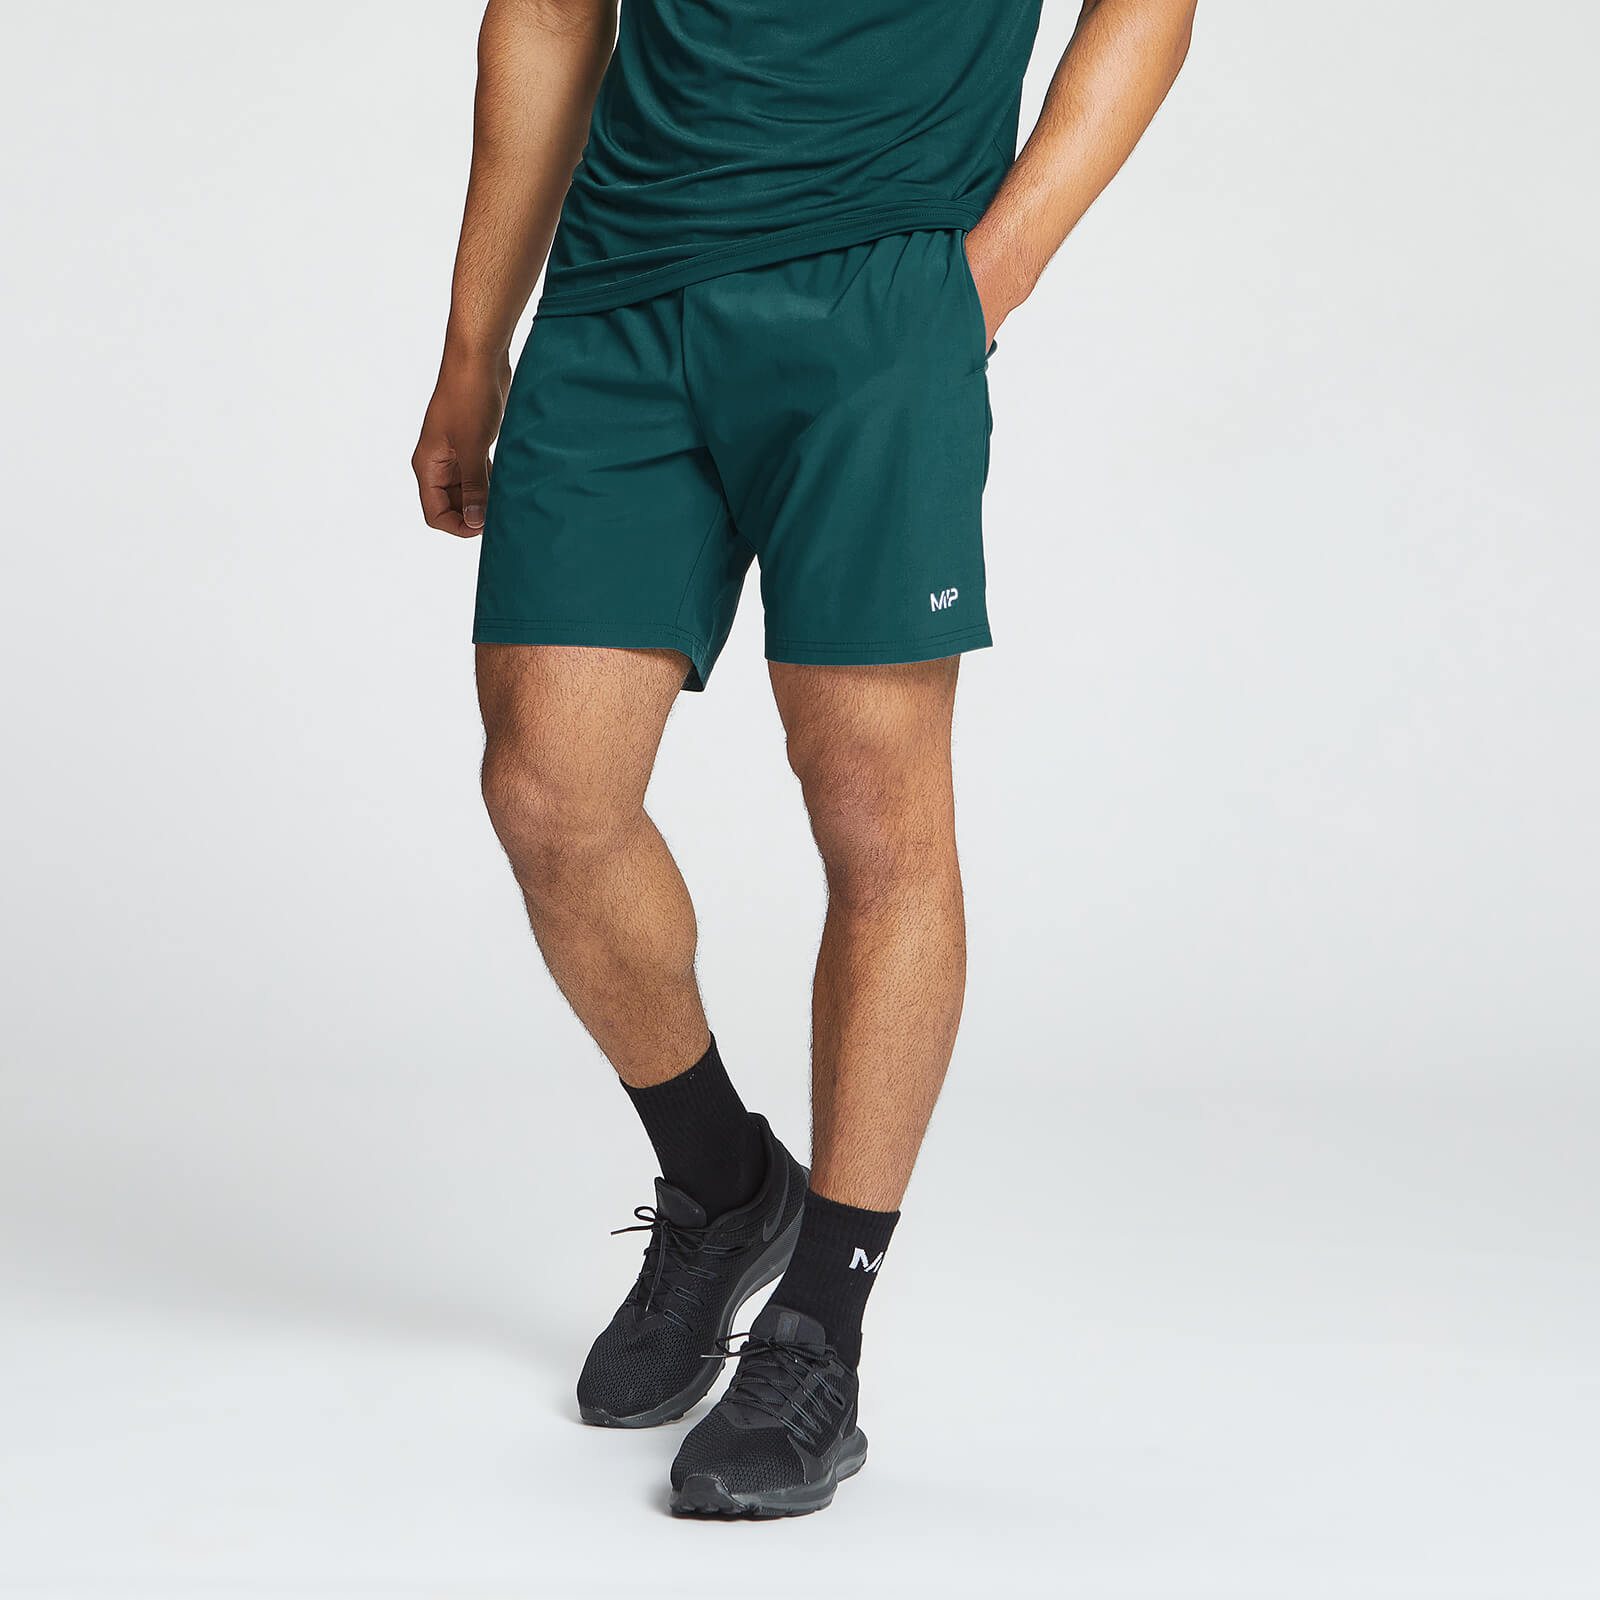 Купить Мужские спортивные шорты MP Essentials - XL, Myprotein International